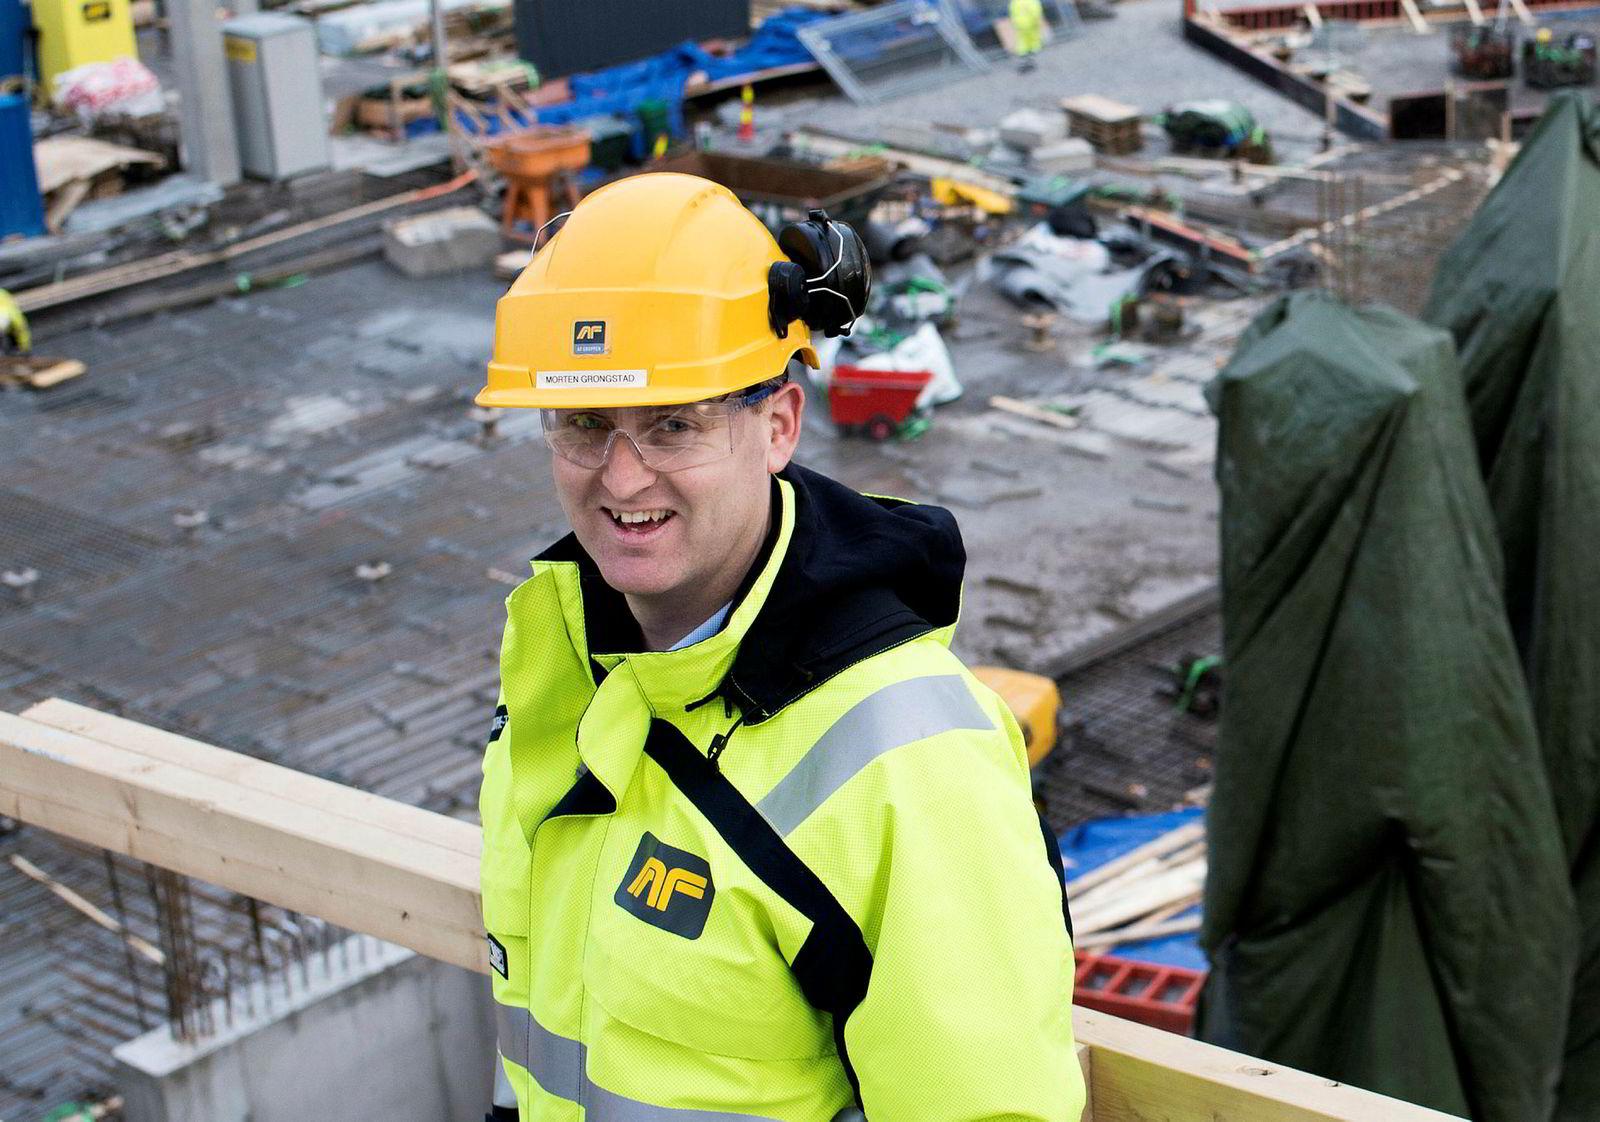 – Nå vil vi, i takt med et godt marked og et godt salg, sluttføre prosjektet noen år før antatt, sier konsernsjef Morten Grongstad AF-Gruppen om Krydderhagen.